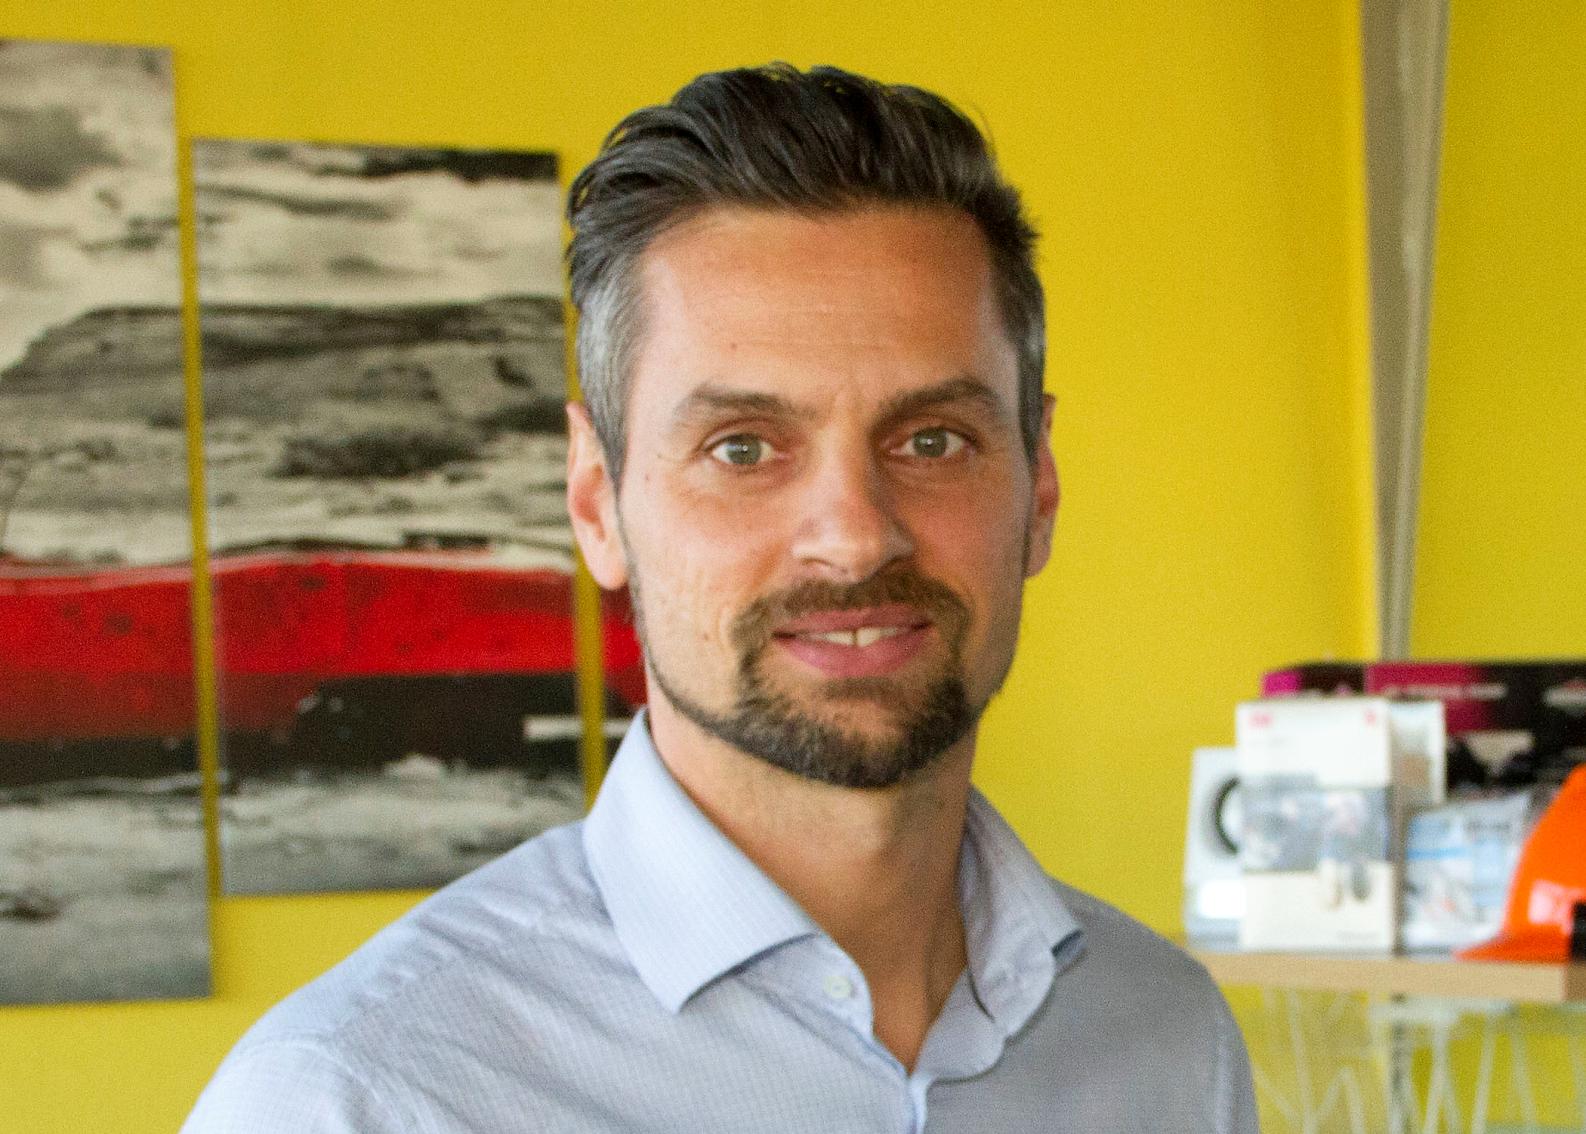 Geschäftsführer der Autohaus & Motorgeräte Dorner GmbH